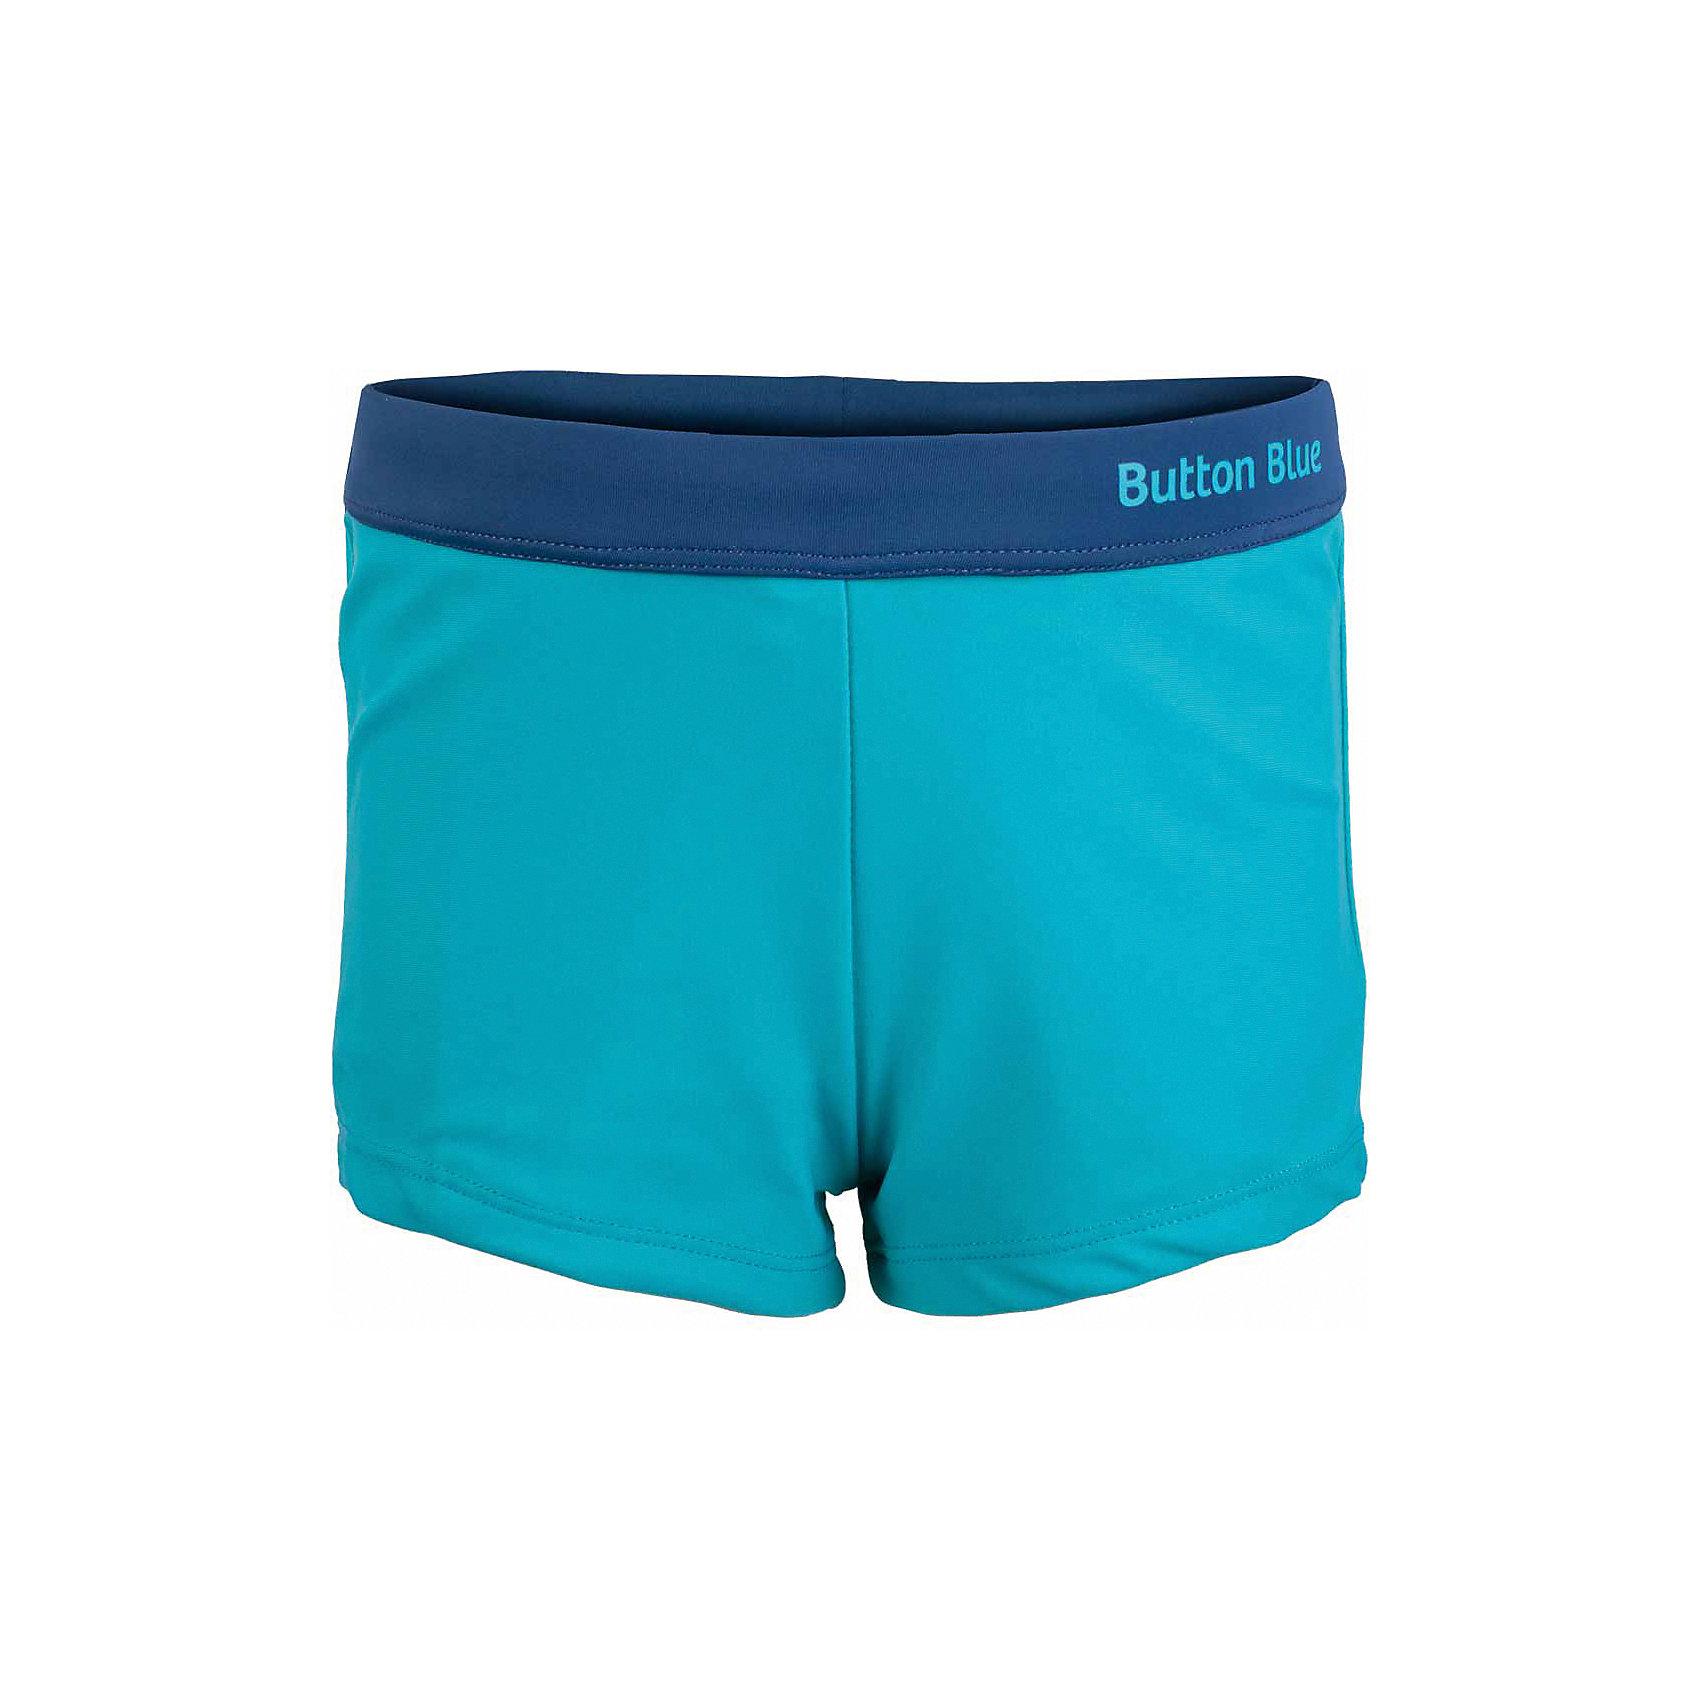 Плавки для мальчика  BUTTON BLUEКупальники и плавки<br>Плавки для мальчика  BUTTON BLUE<br>Яркие плавки с контрастной отделкой подарят ребенку отличное настроение на весь пляжный сезон. Если вы решили купить красивые плавки недорого, выберете плавки от Button Blue. Они обеспечат ребенку комфорт, а вам - удовольствие от покупки.<br>Состав:<br>83% полиамид 17% эластан; подклад: 100%  полиэстер<br><br>Ширина мм: 183<br>Глубина мм: 60<br>Высота мм: 135<br>Вес г: 119<br>Цвет: бирюзовый<br>Возраст от месяцев: 132<br>Возраст до месяцев: 144<br>Пол: Мужской<br>Возраст: Детский<br>Размер: 152,98,104,116,128,140<br>SKU: 5524757